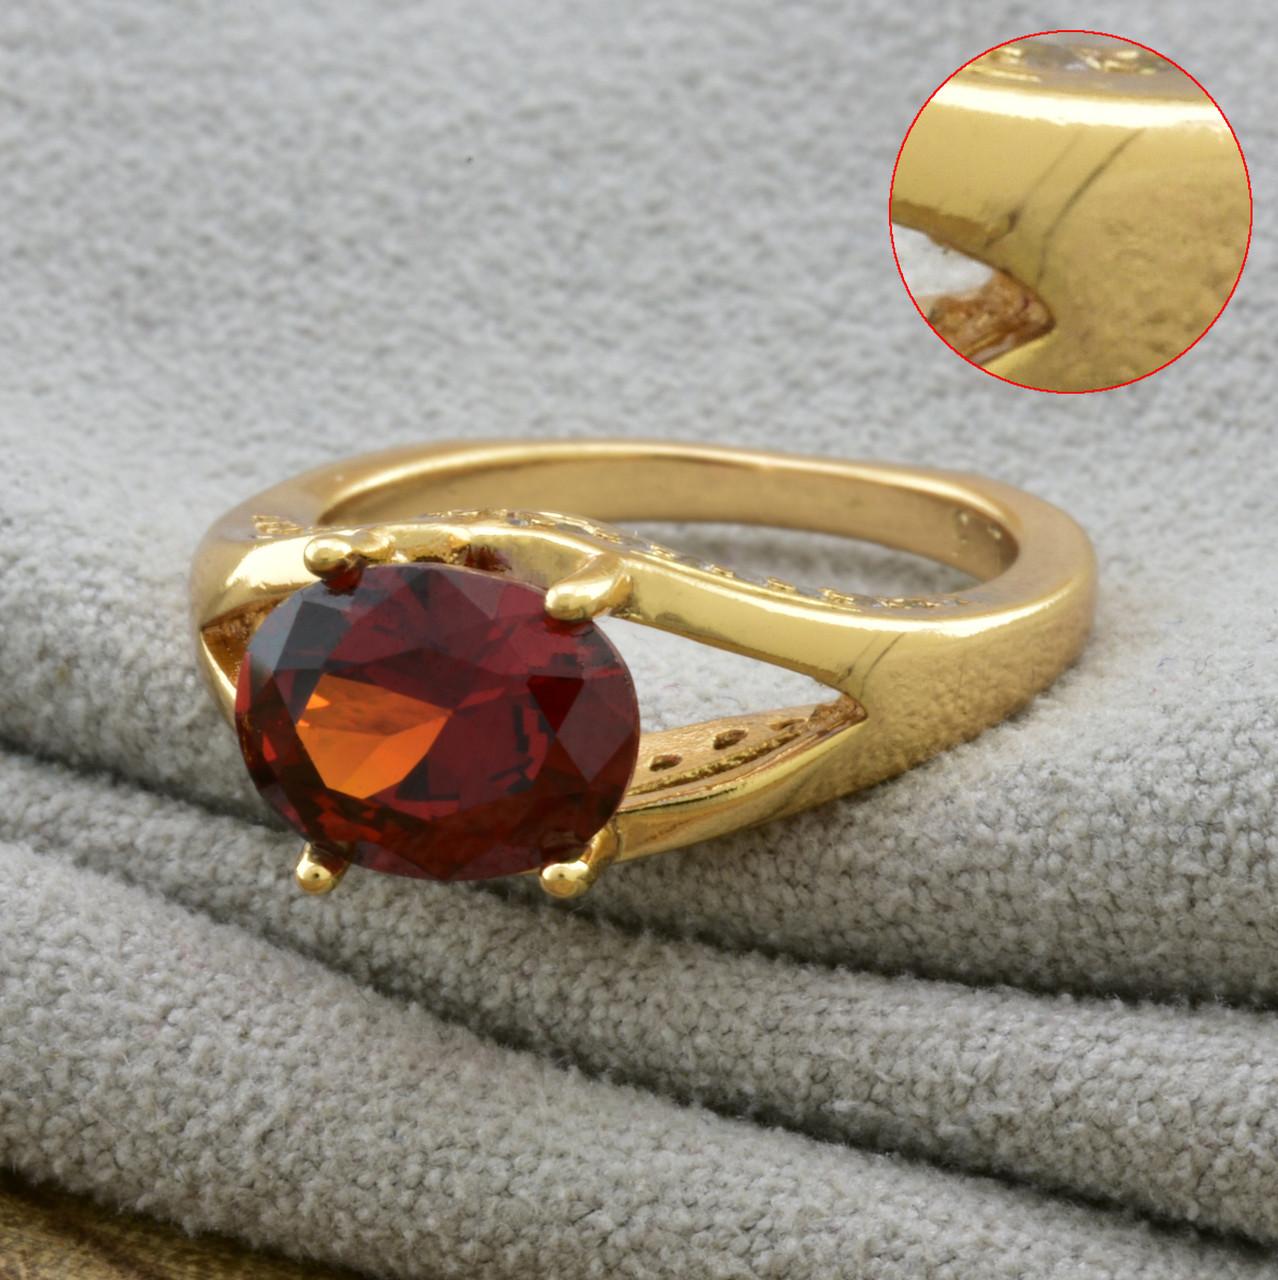 Кольцо 13705расп мелкие царапины  размер 15  ширина 7 мм  красные фианиты  вес 3.7 г позолота 18К